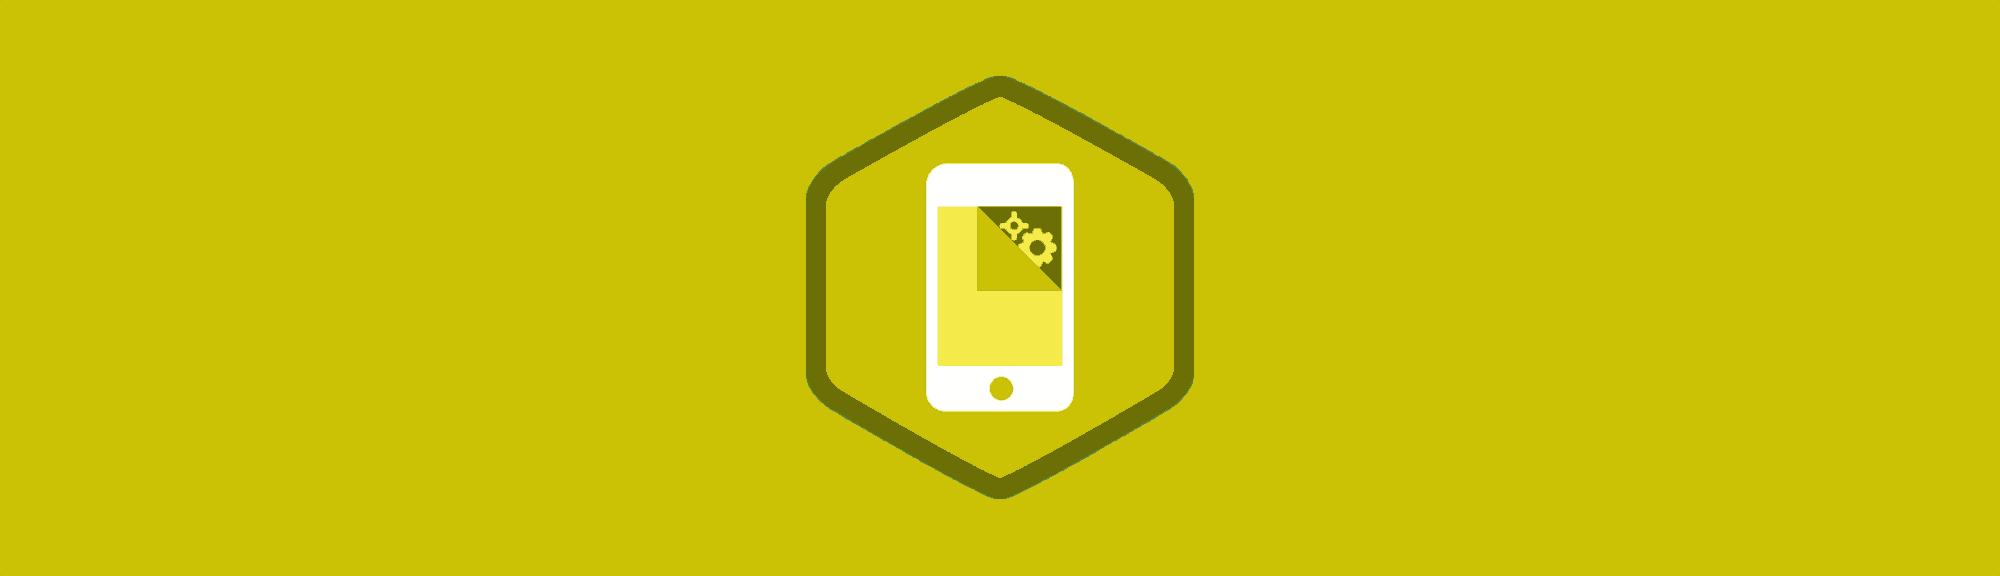 Exploring the Battery Status API